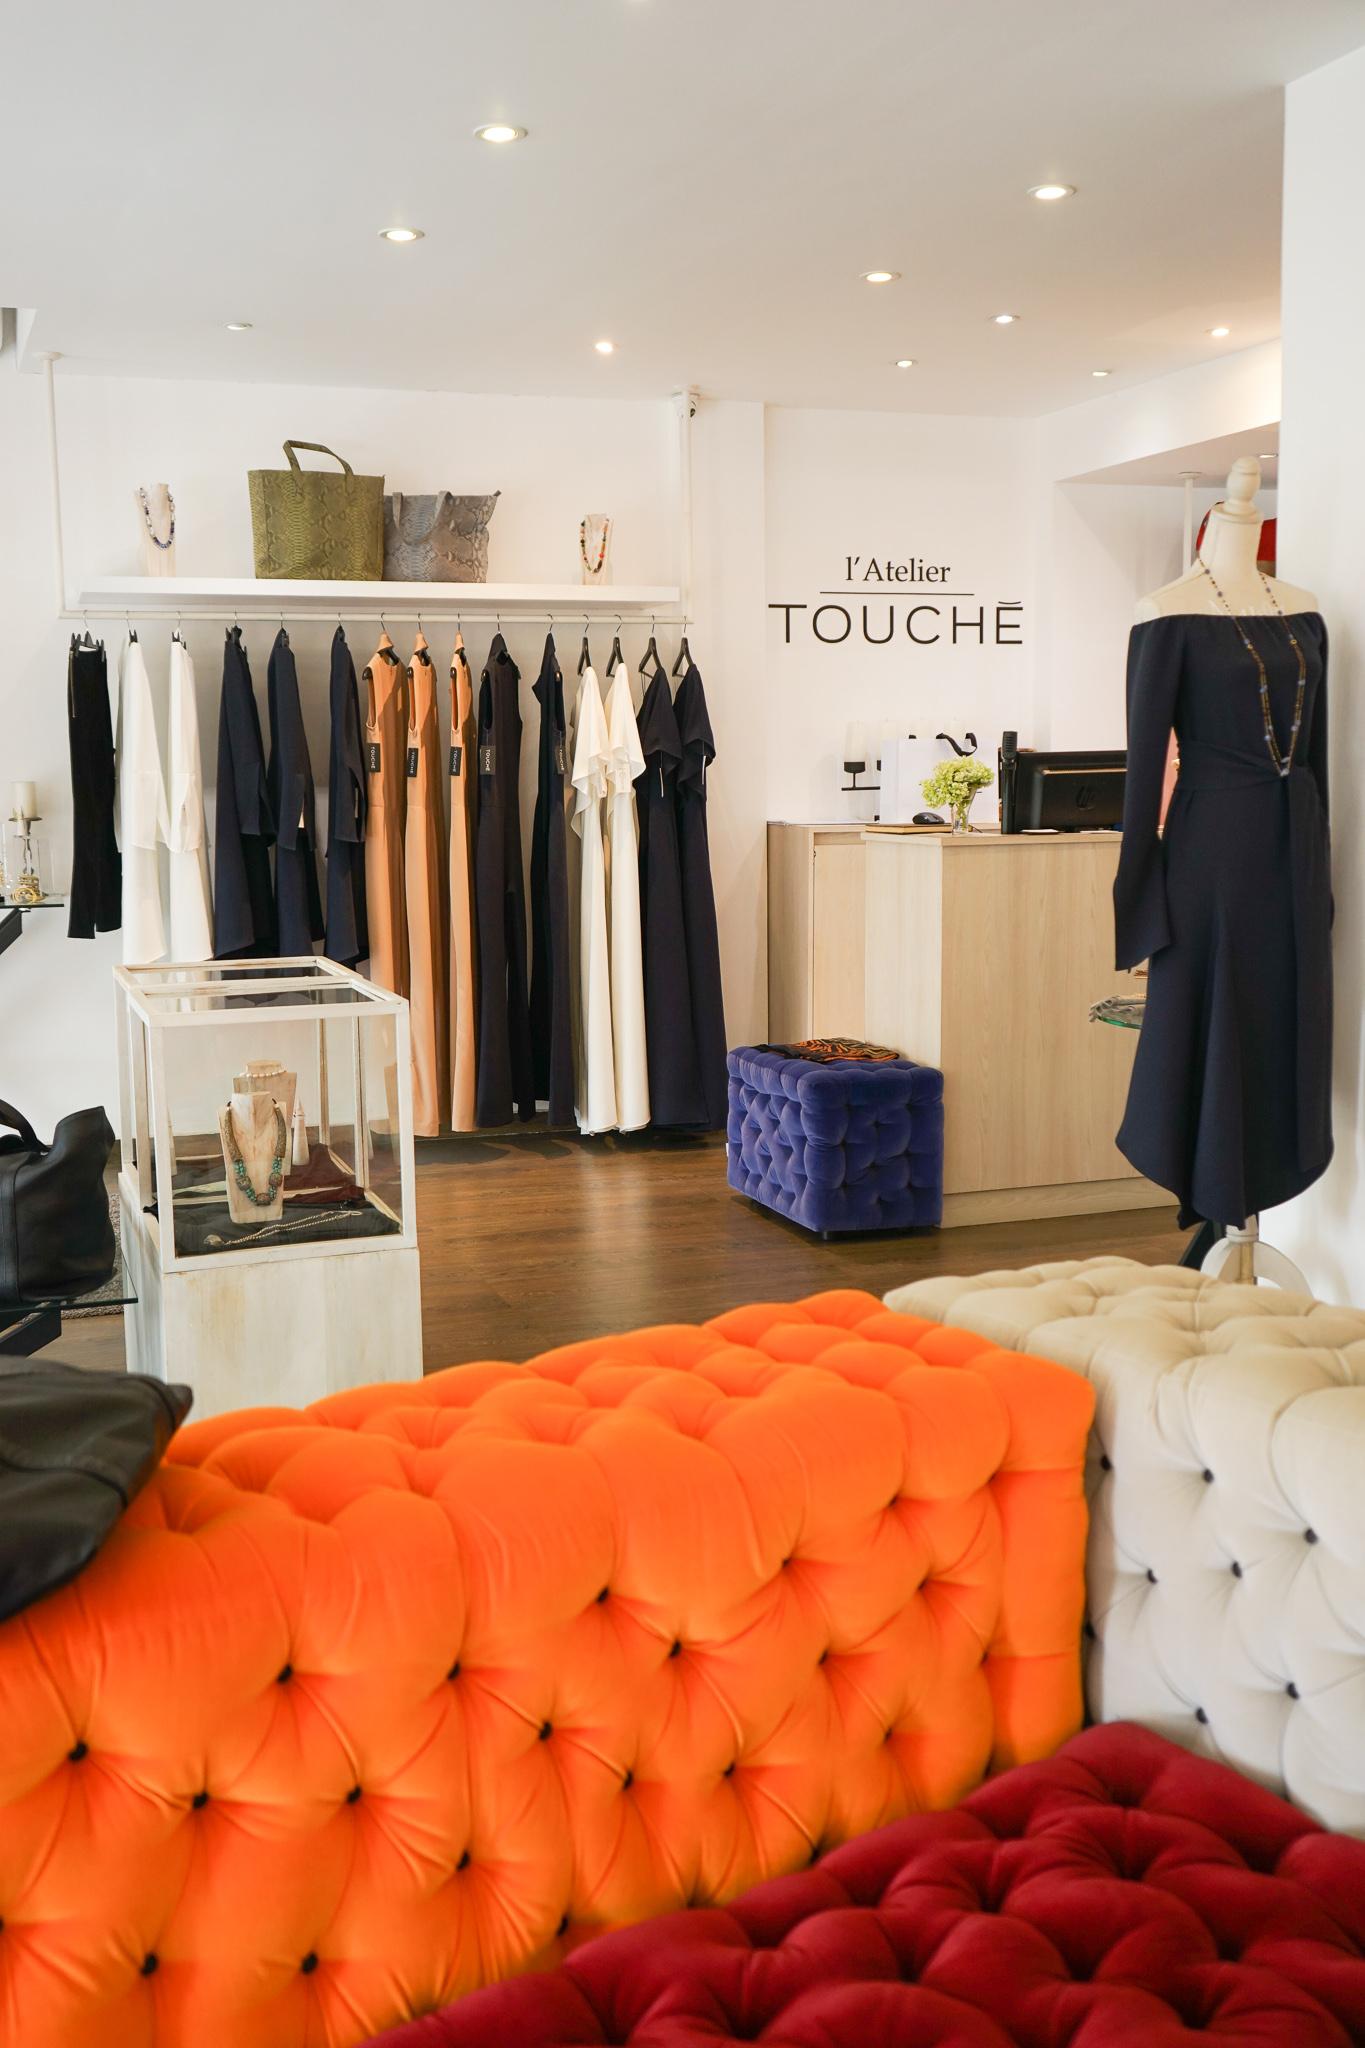 L'Atelier Touche store